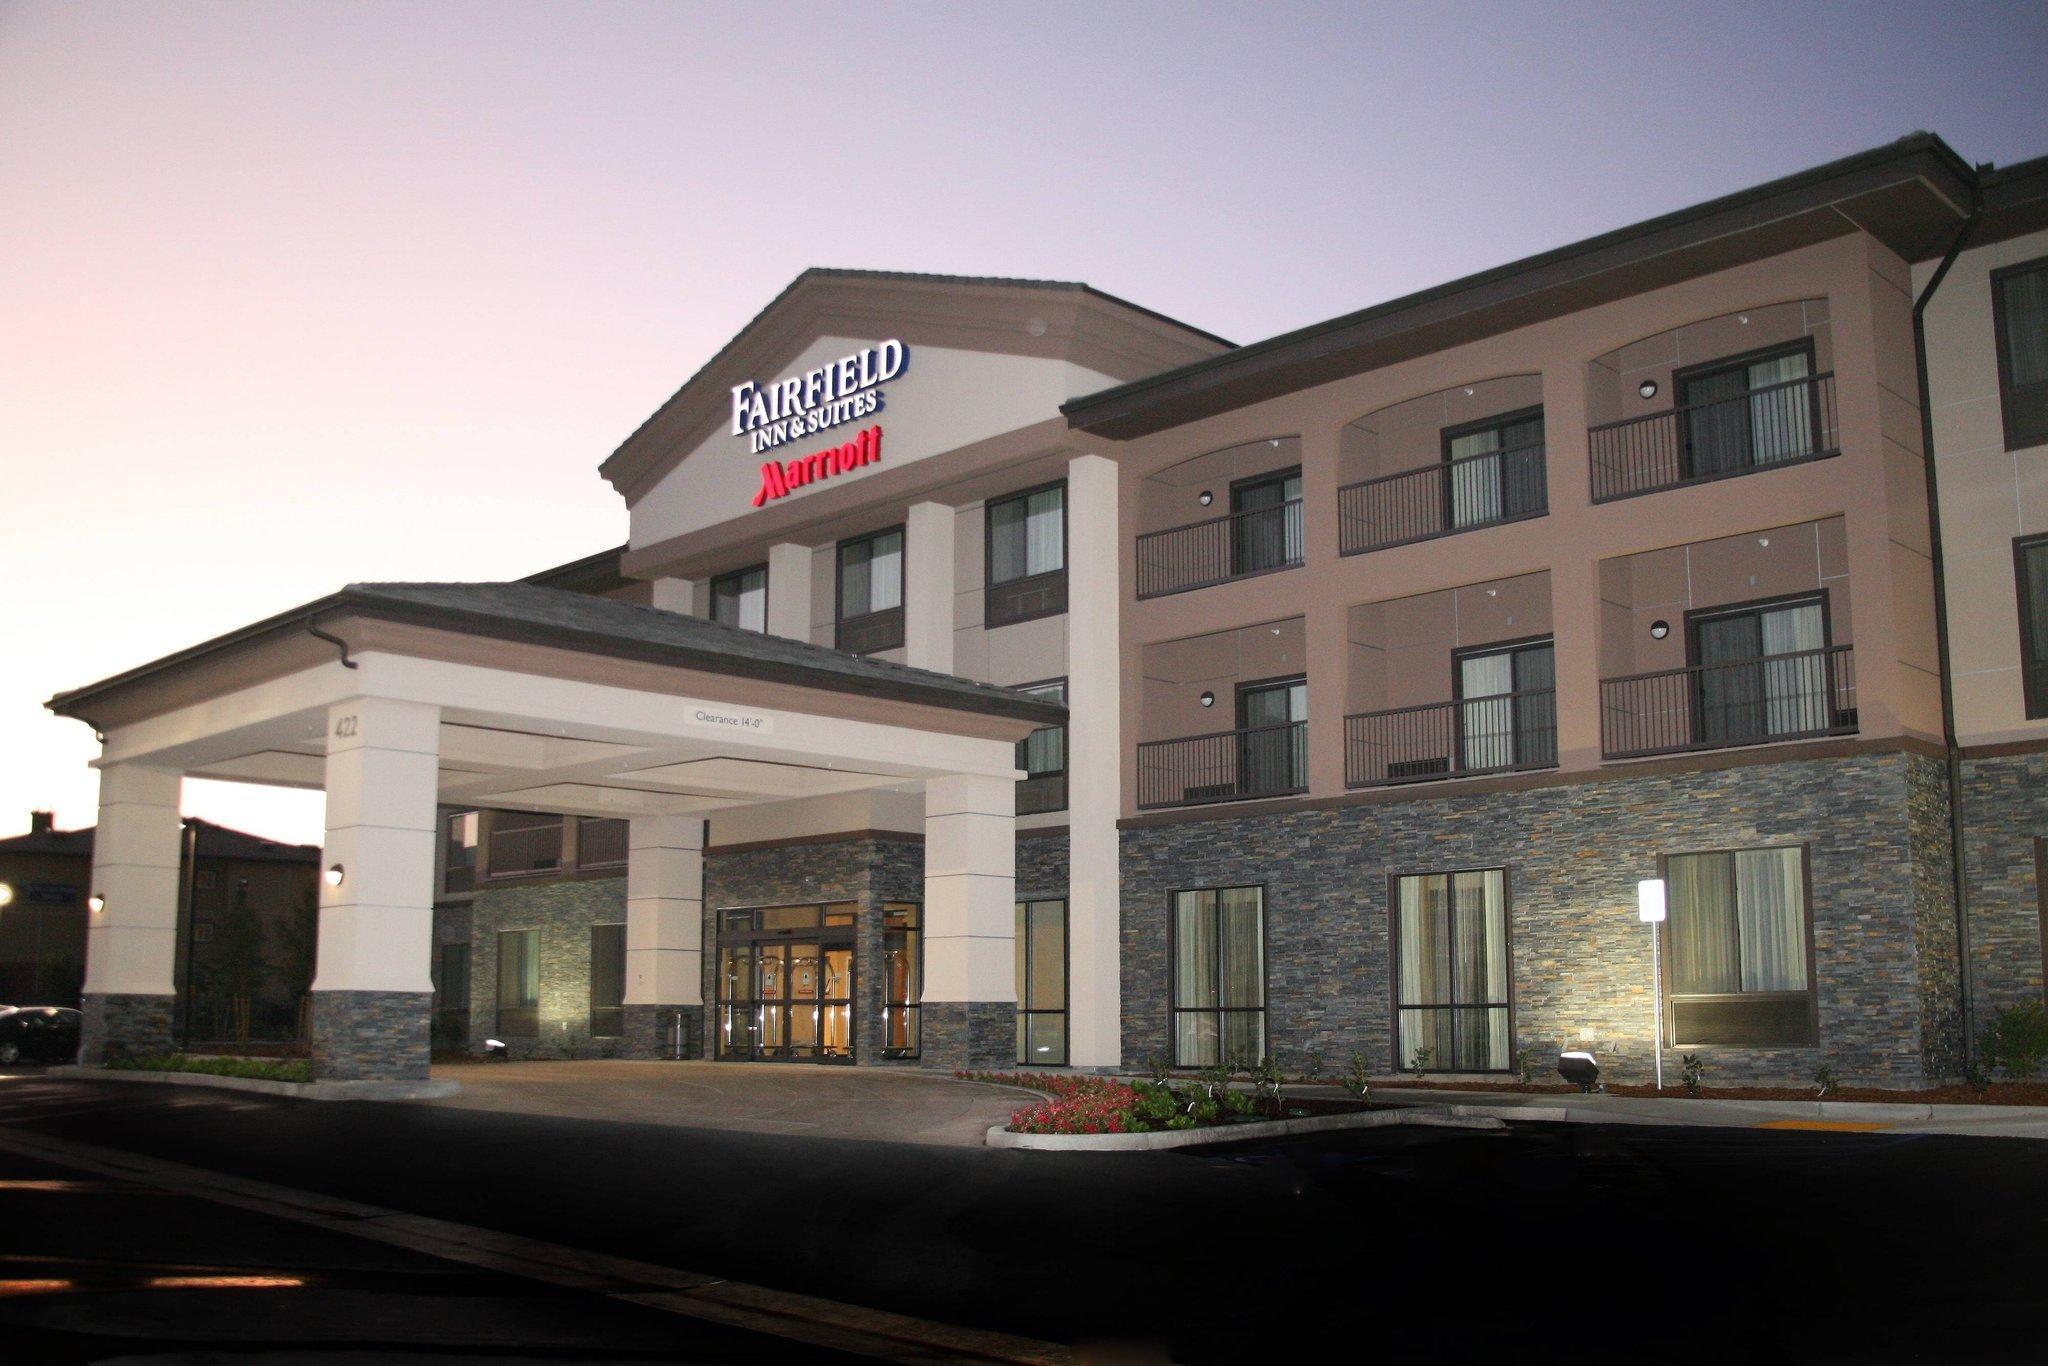 Fairfield Inn & Suites Tehachapi, Kern